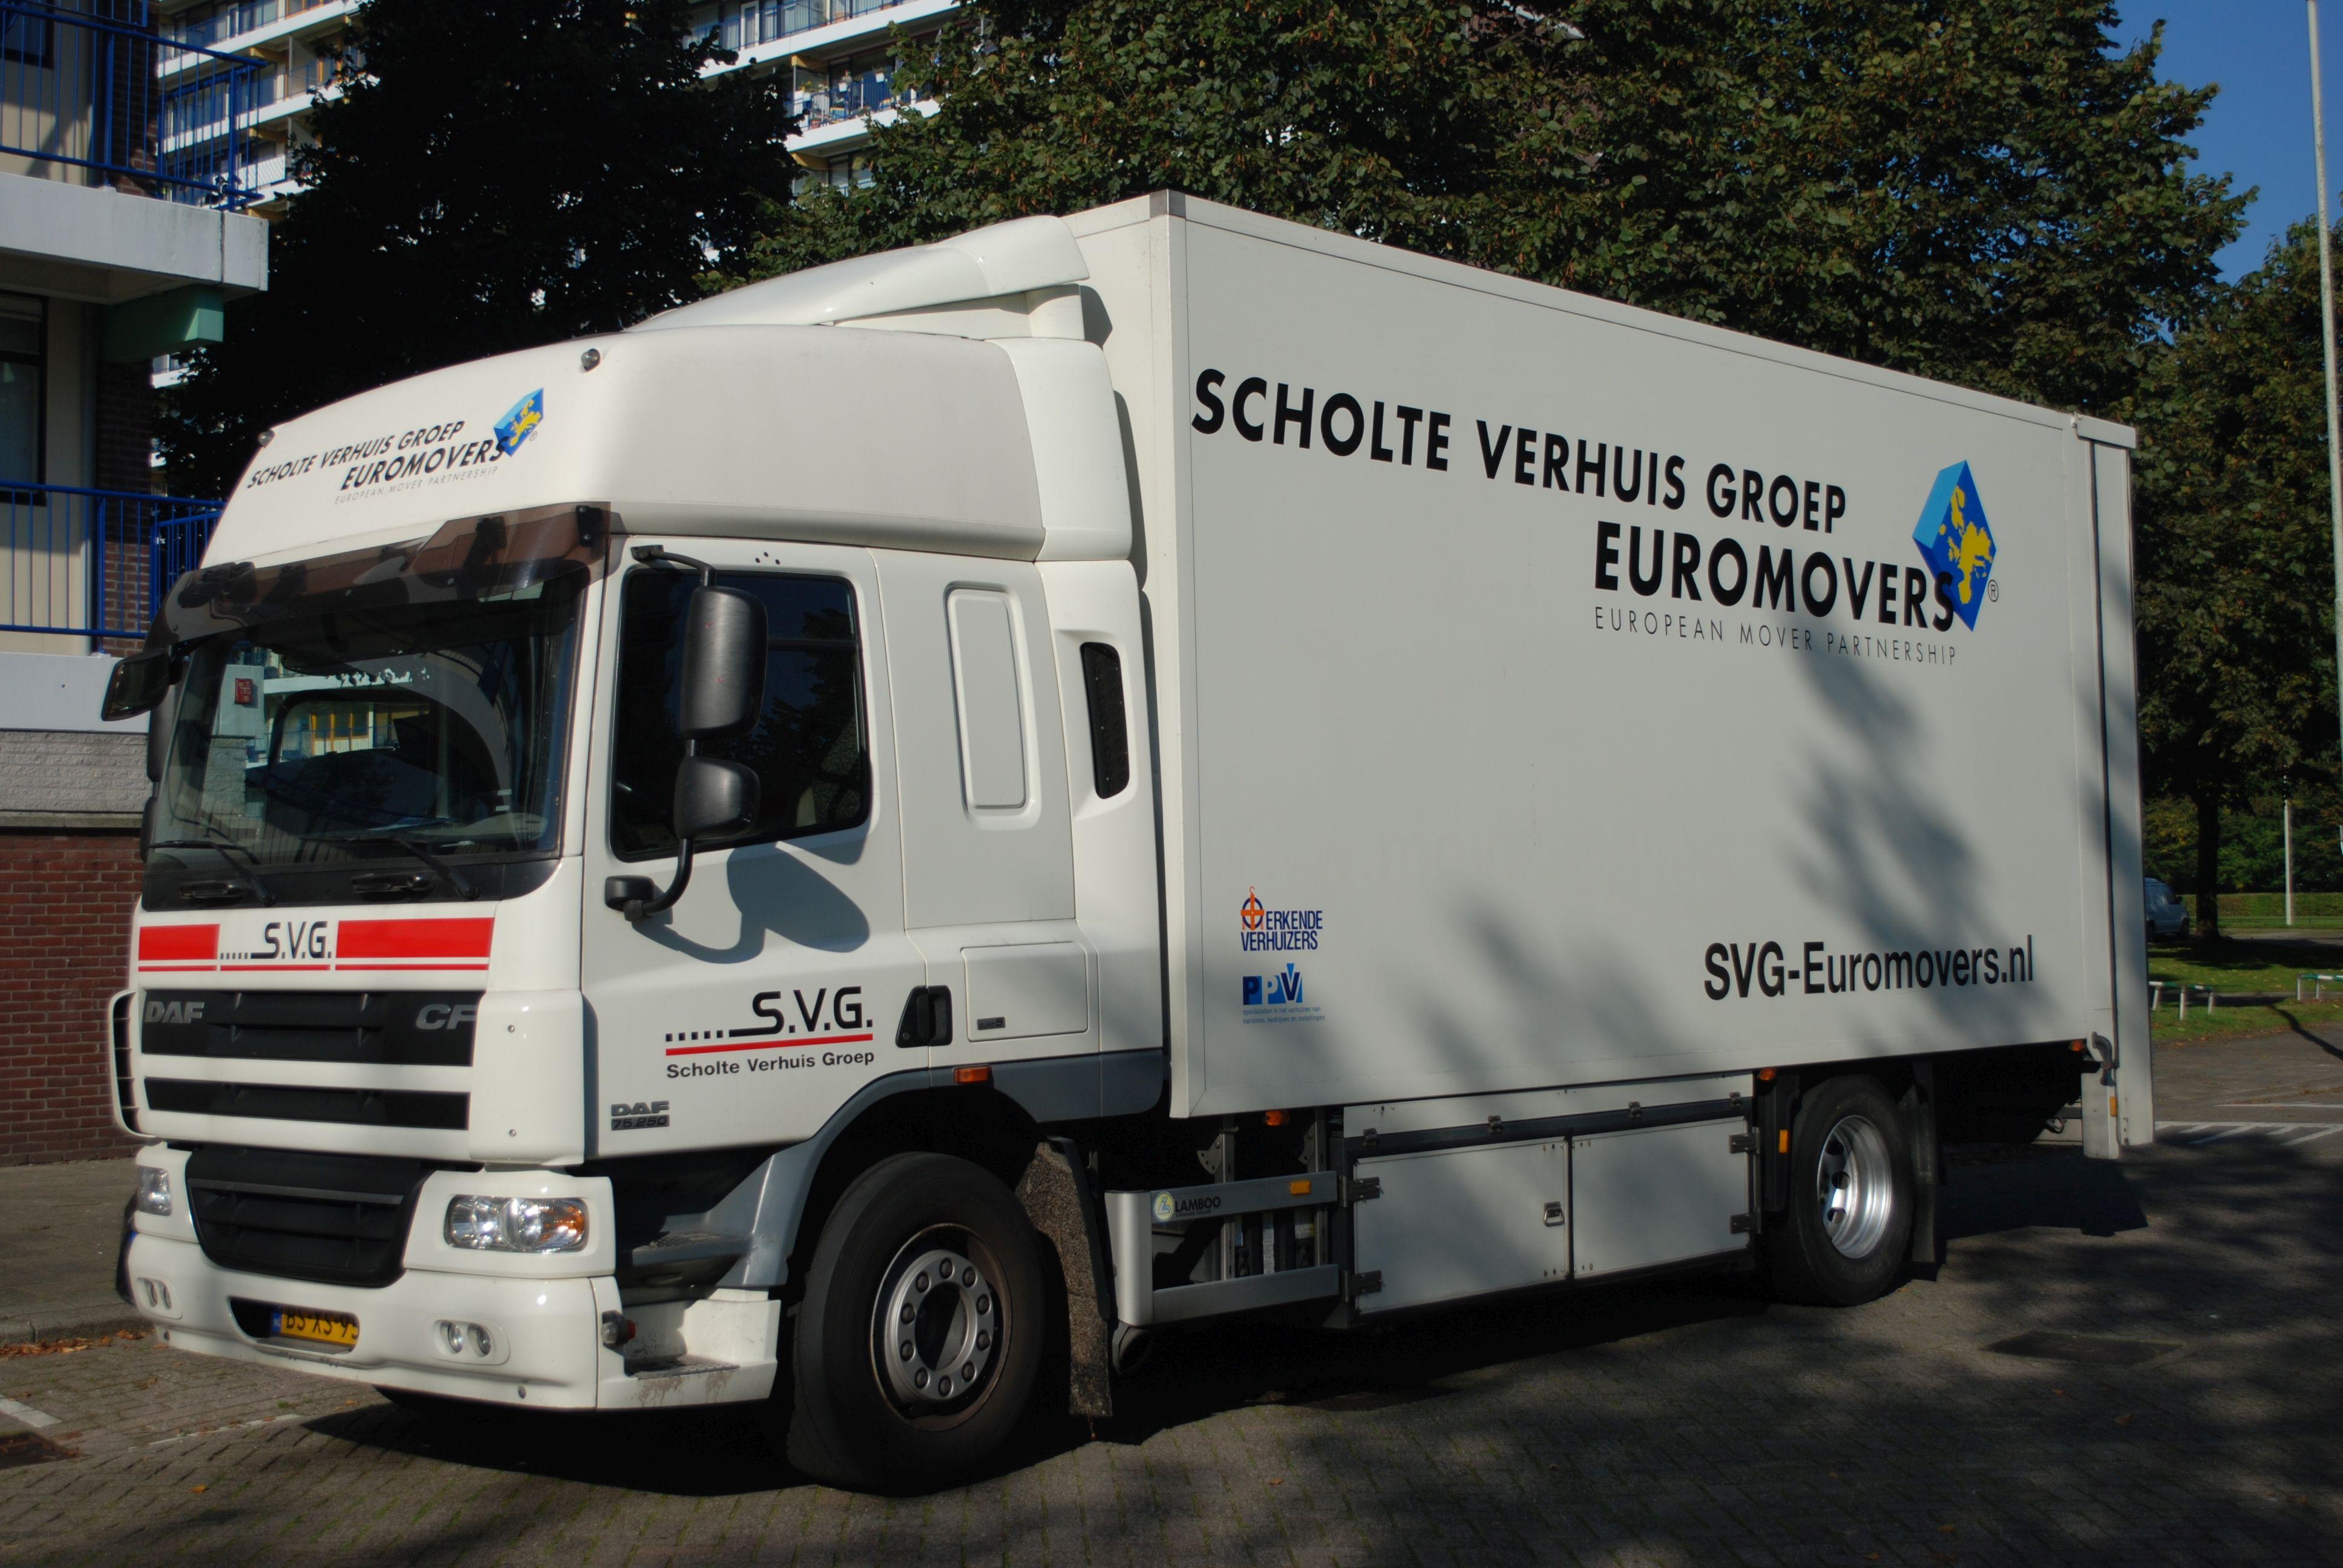 Scholte Verhuis Groep Euromovers steunt stichting De Verhuisfamilie